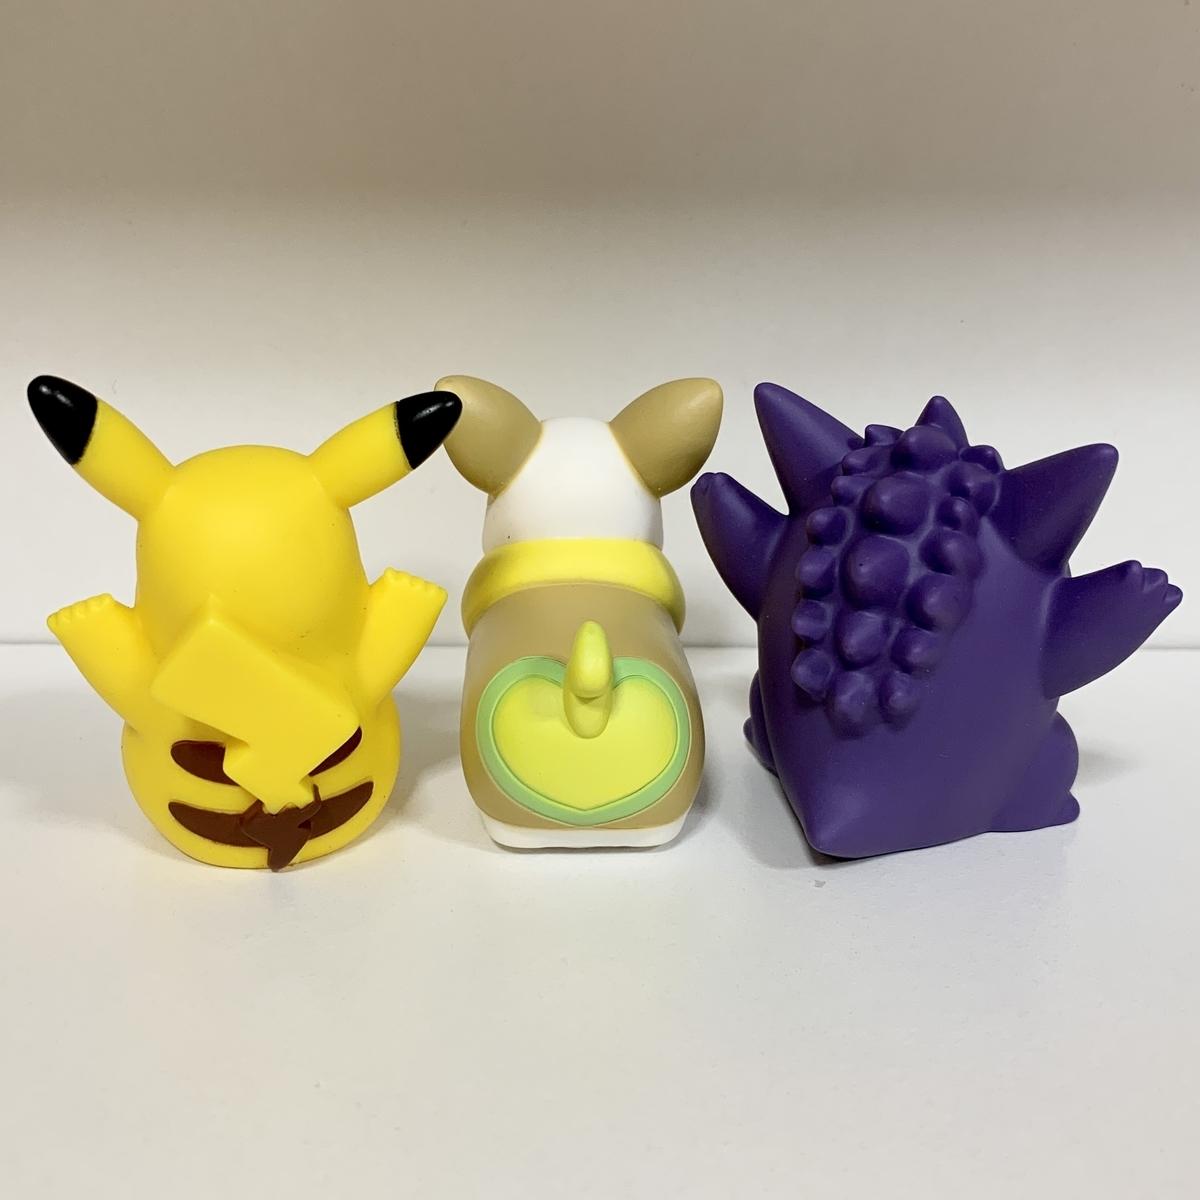 f:id:pikachu_pcn:20201026191518j:plain